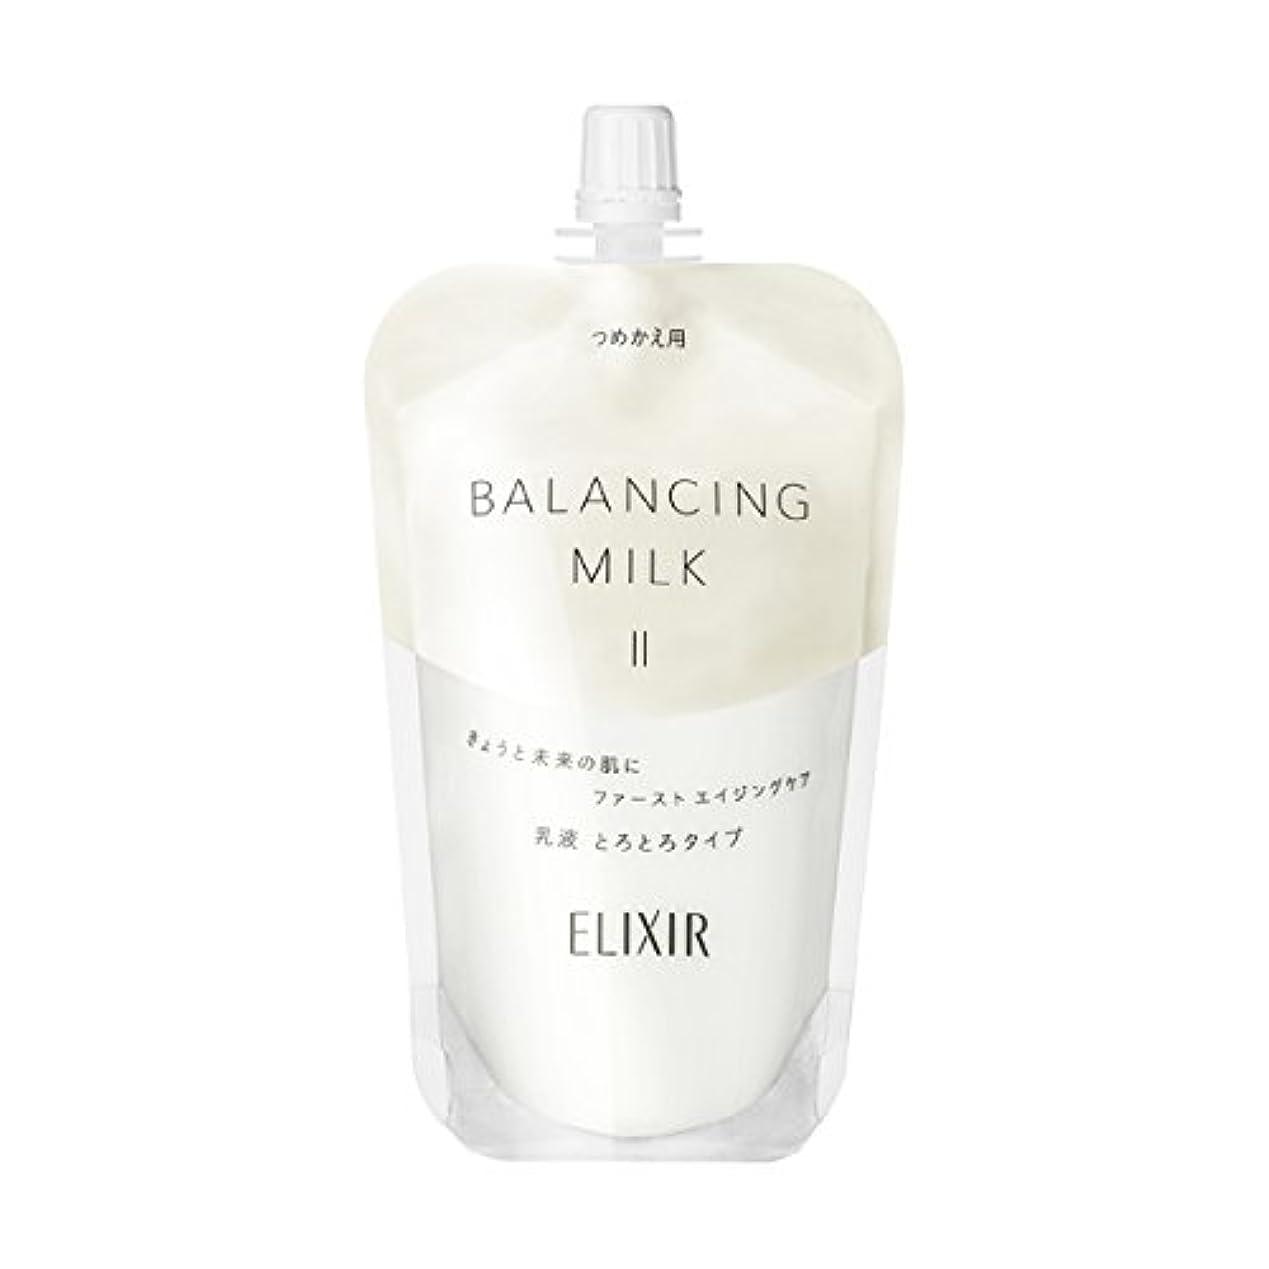 カップルダブルサイレンエリクシール ルフレ バランシング ミルク 乳液 2 (とろとろタイプ) (つめかえ用) 110mL